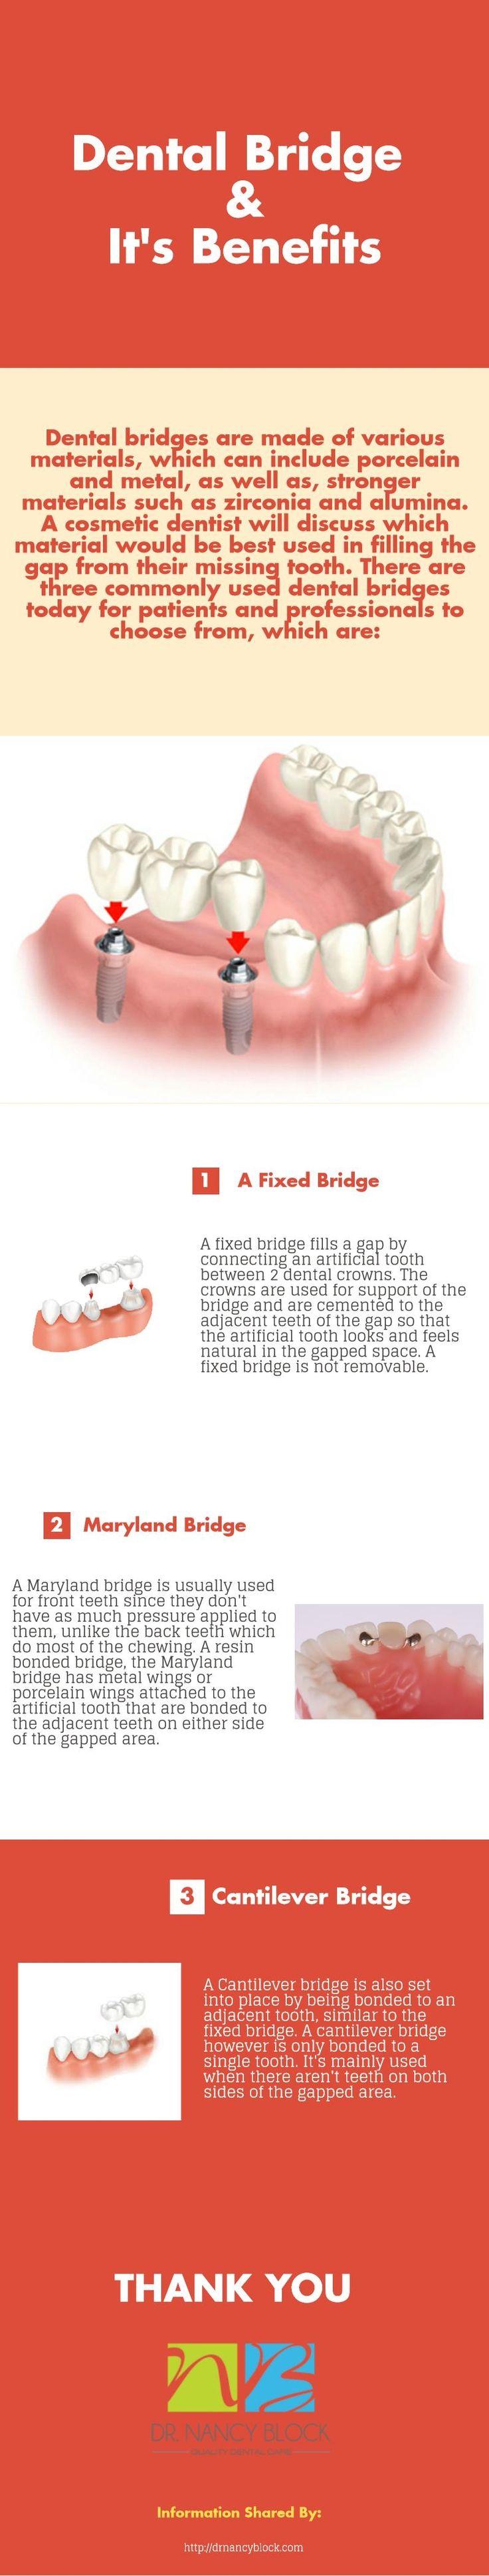 10 best Dental Bridges images on Pinterest | Dental services ...